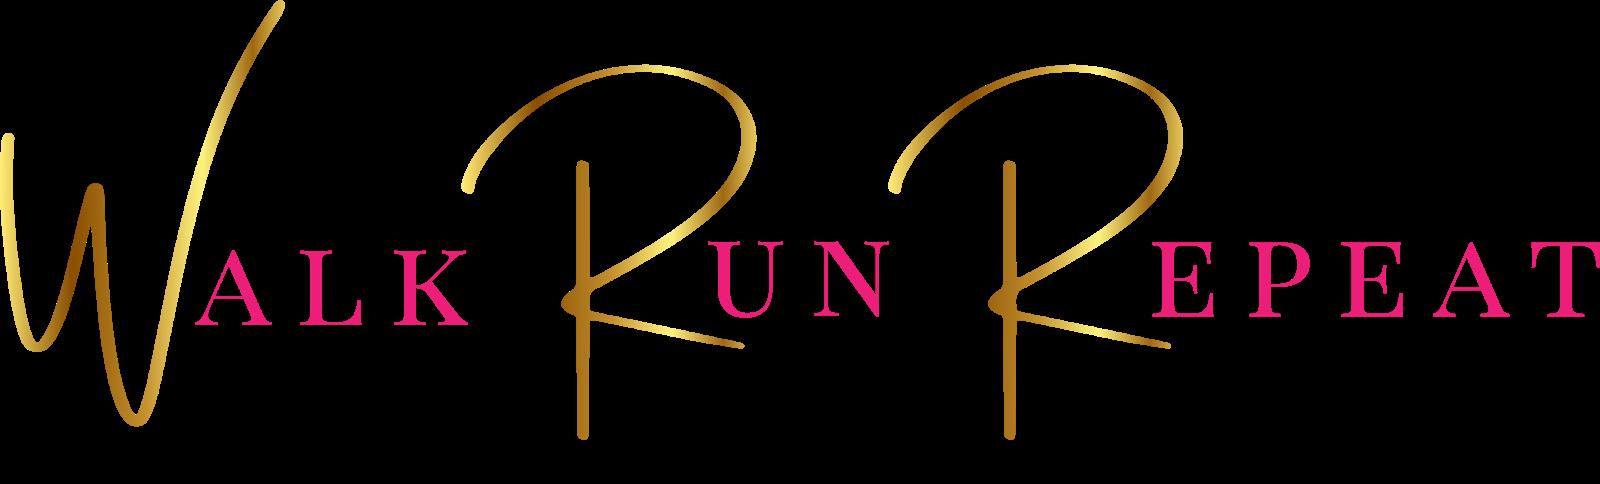 669eed381 October Photo Challenge - Walk.Run.Repeat.